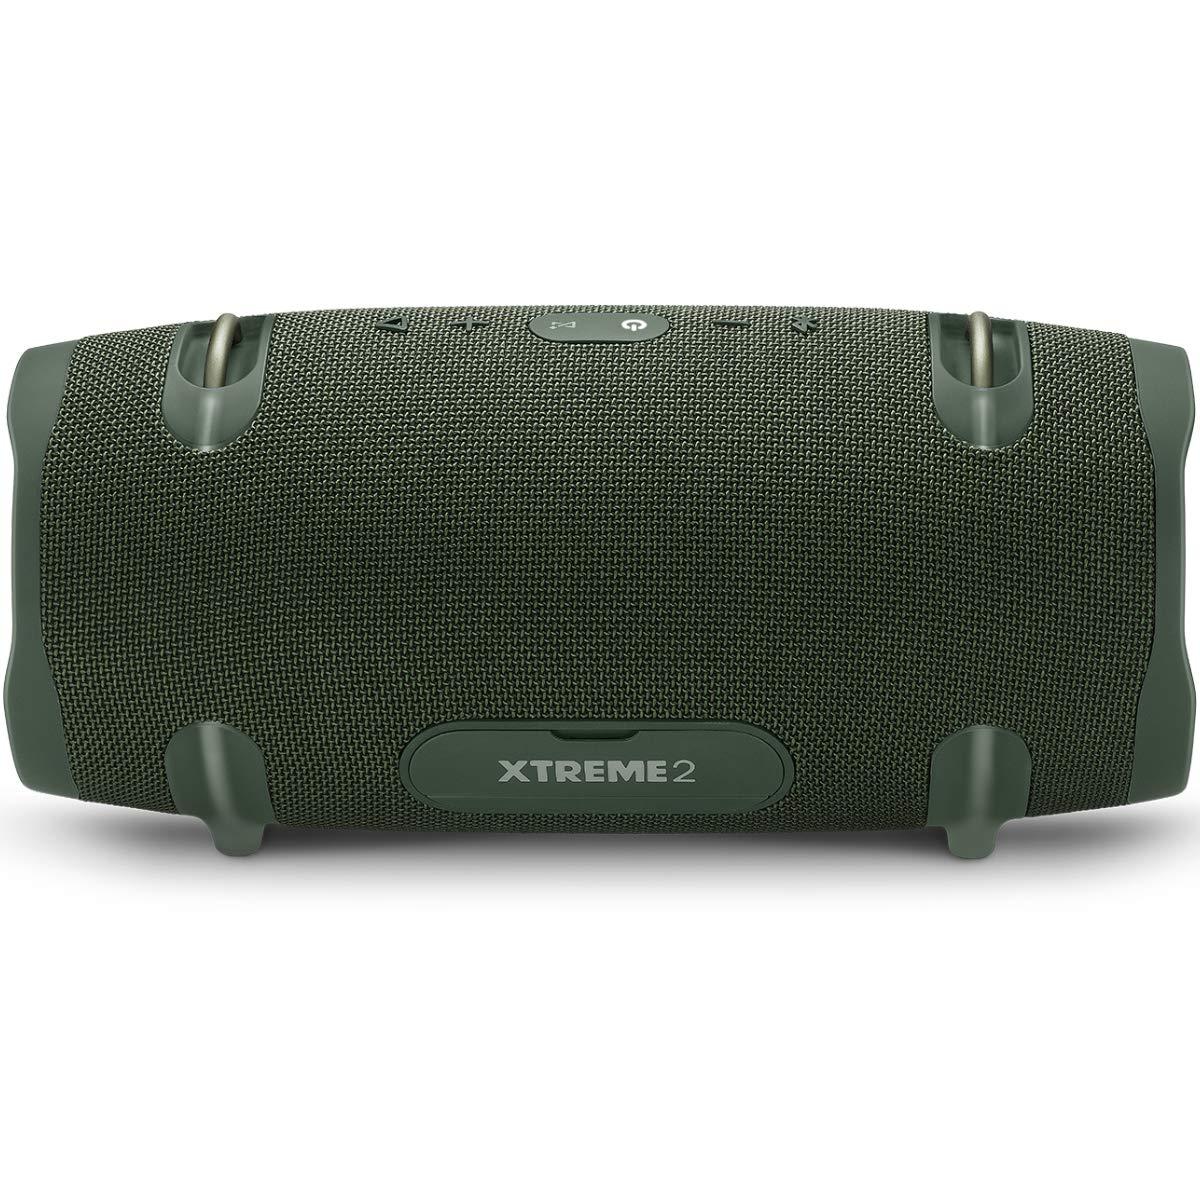 JBL Xteme 2 Waterproof portable Bluetooth speaker Blue